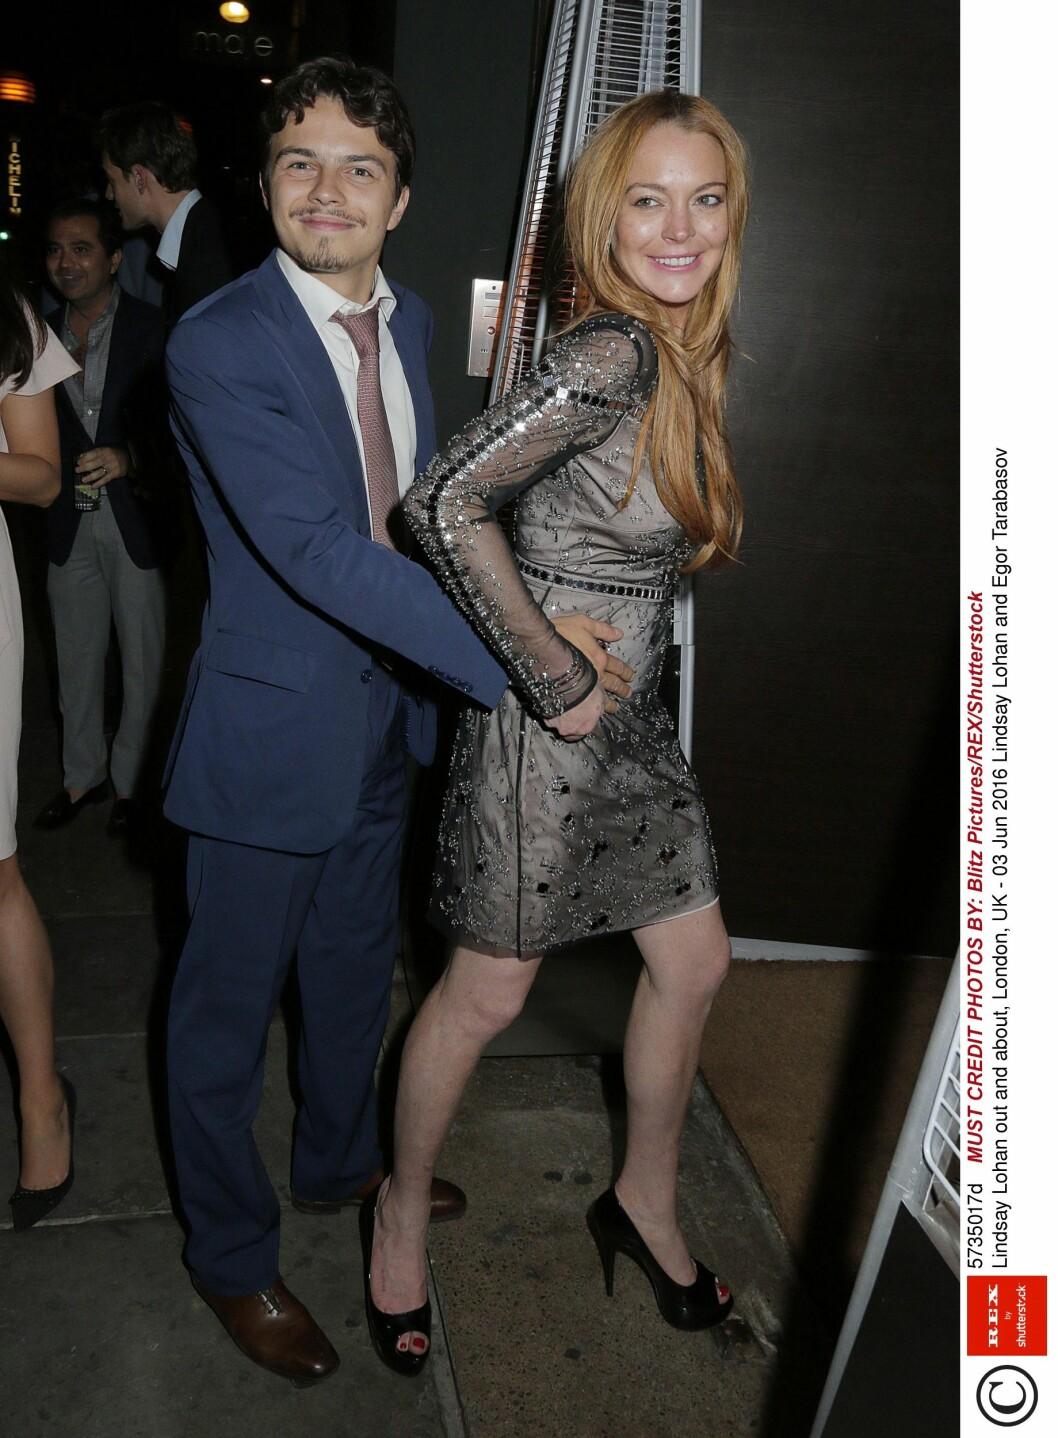 LYKKELIG FORELSKET: Tidligere denne måneden ble Lindsay og Egor fotografert da de koste seg på byen sammen i London. Foto: NTB scanpix